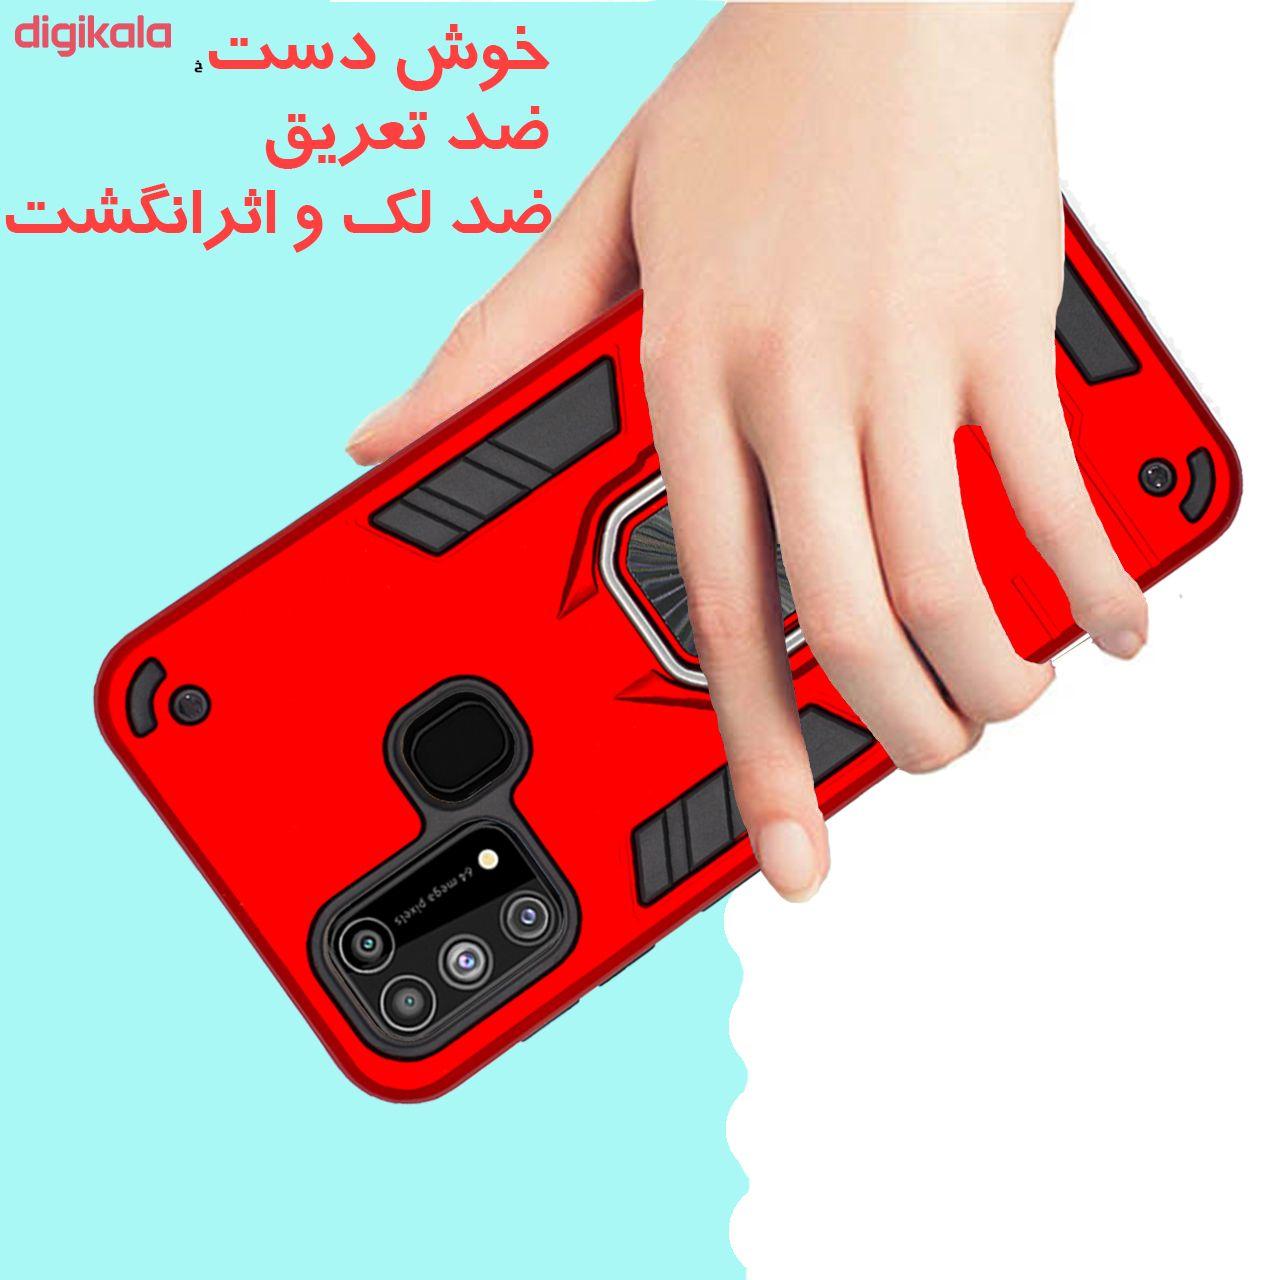 کاور کینگ پاور مدل ASH22 مناسب برای گوشی موبایل سامسونگ Galaxy M31 main 1 4